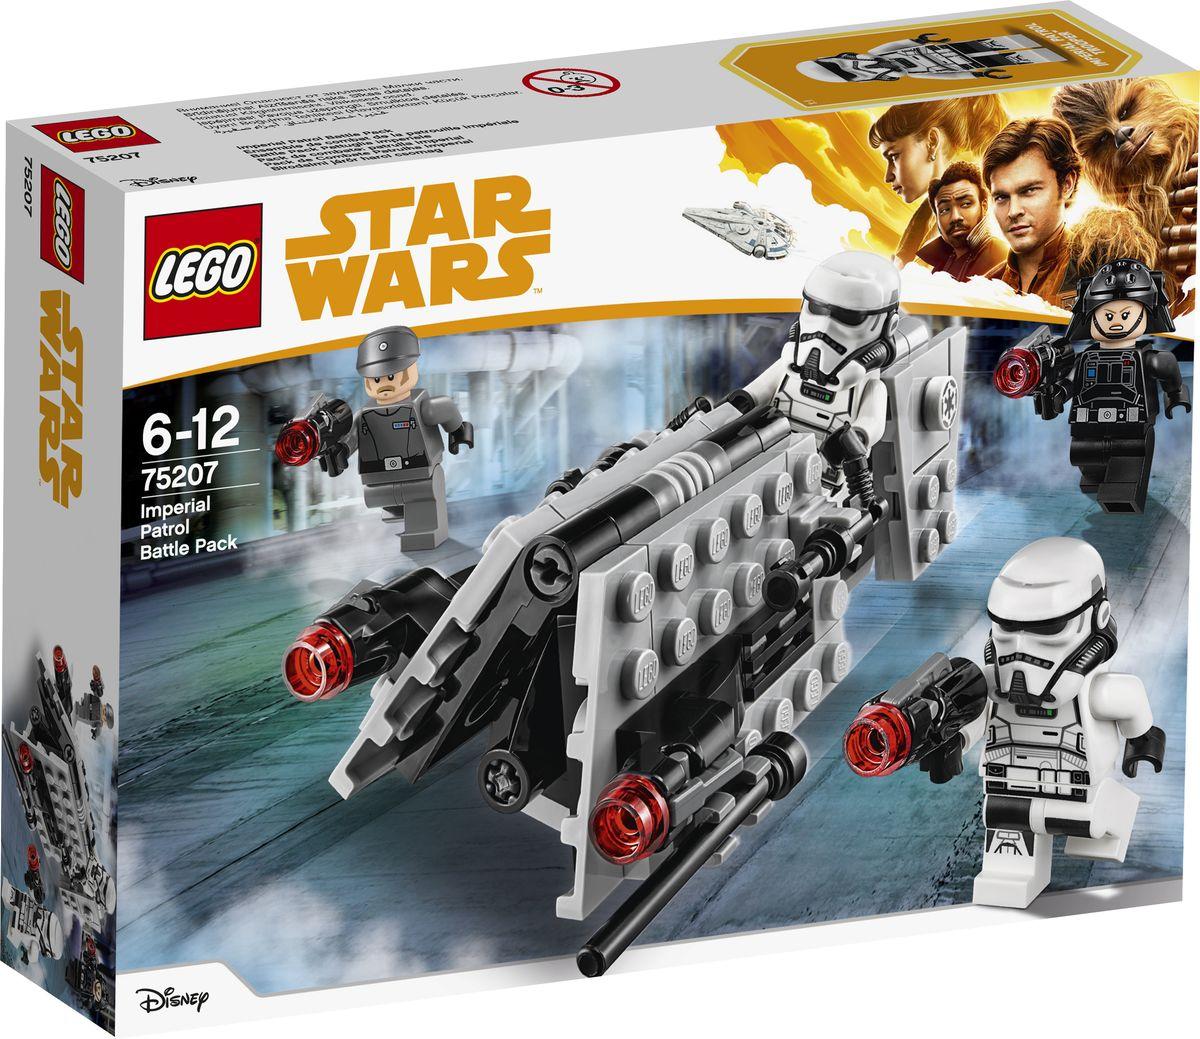 LEGO Star Wars Конструктор Боевой набор имперского патруля конструктор lego боевой набор галактической империи лего звездные войны